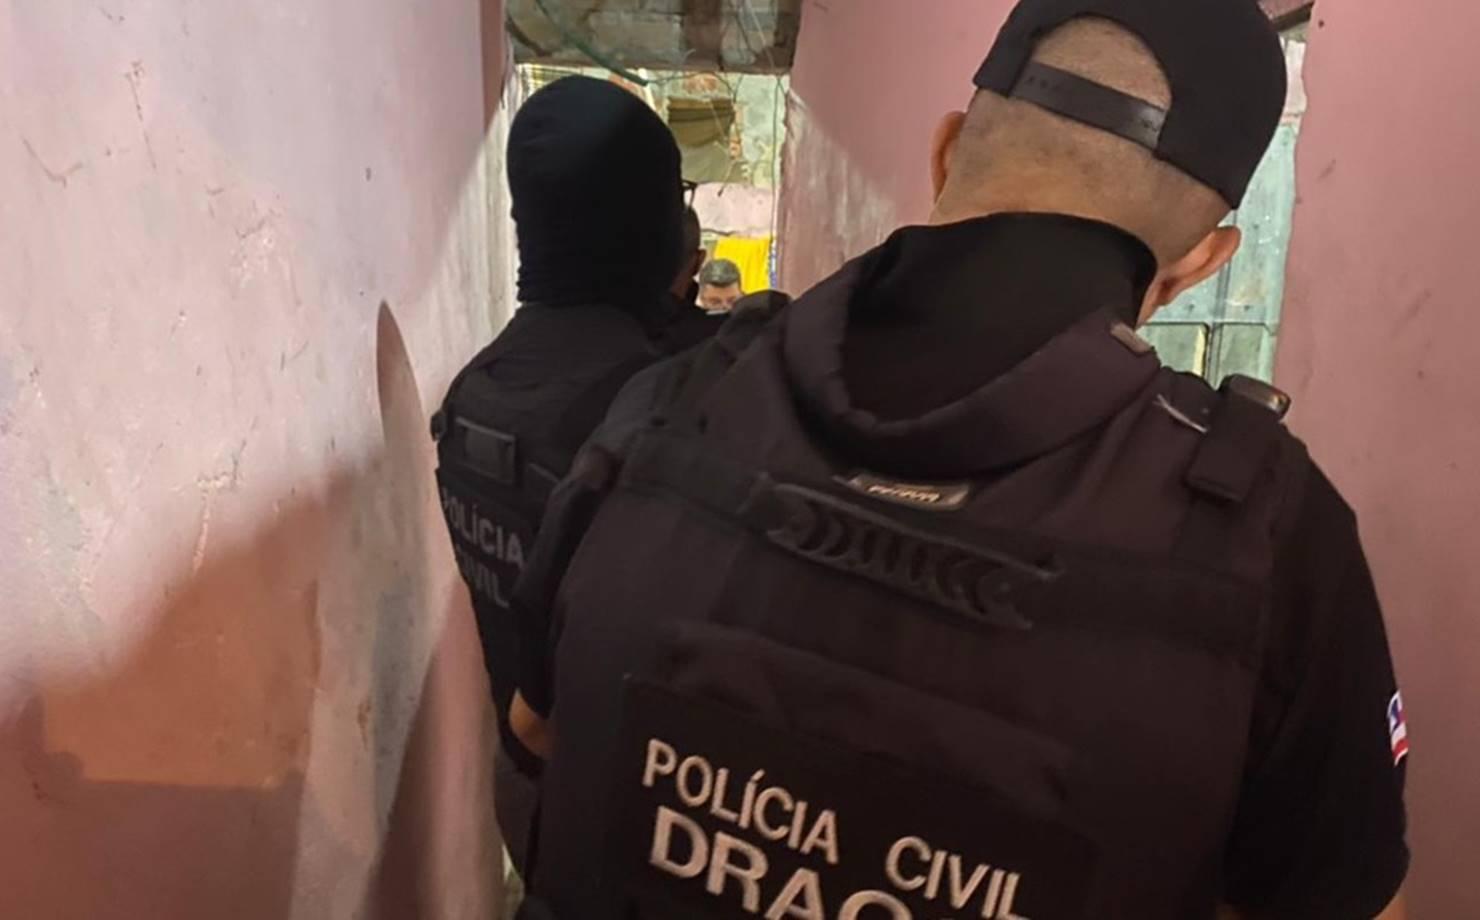 Suspeitos de roubos a bancos morrem após confronto com a polícia em Salvador